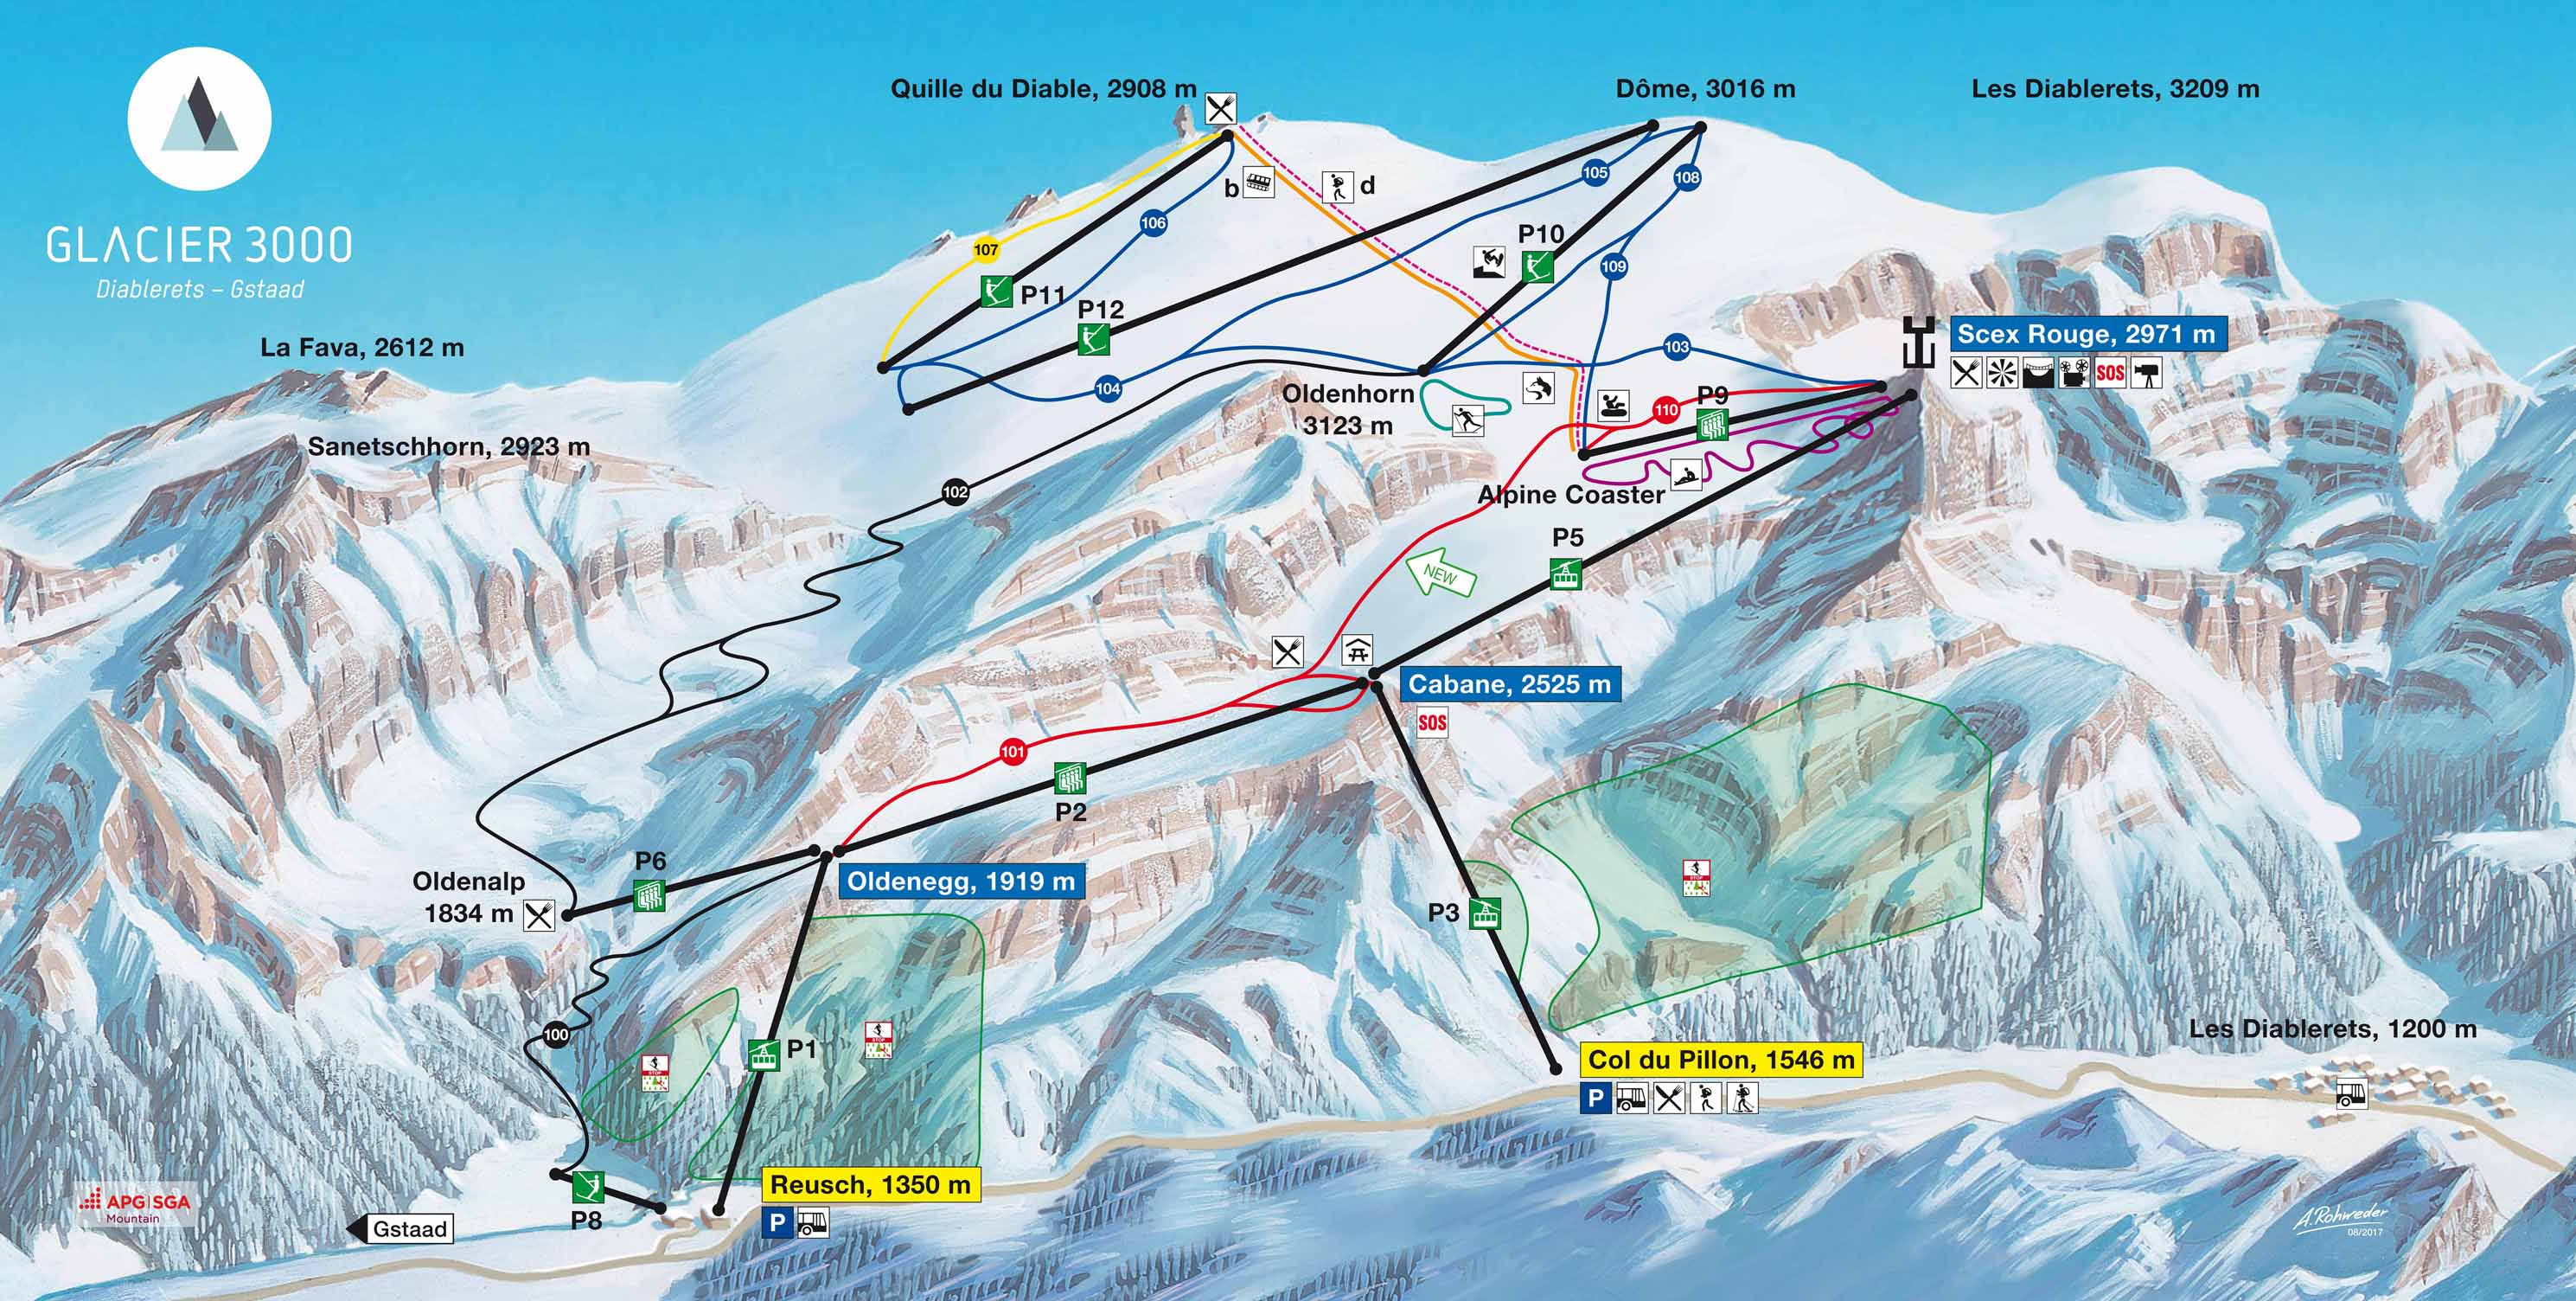 Trail map Glacier 3000 Les Diablerets